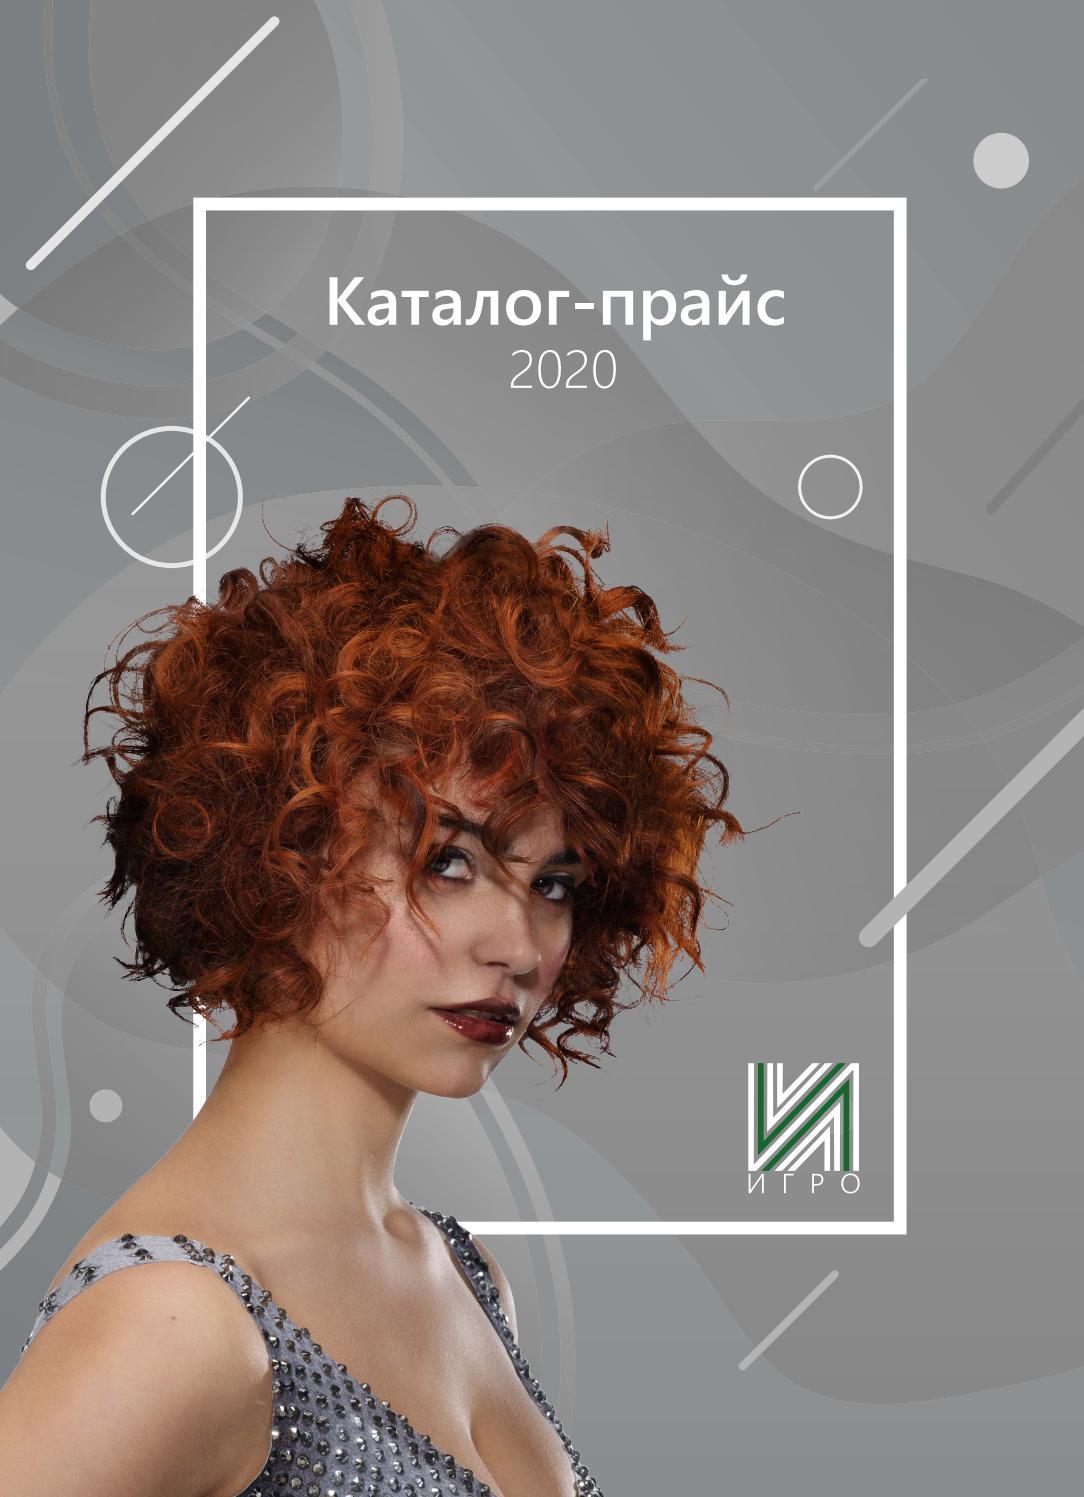 Каталог-прайс ИГРО 2020